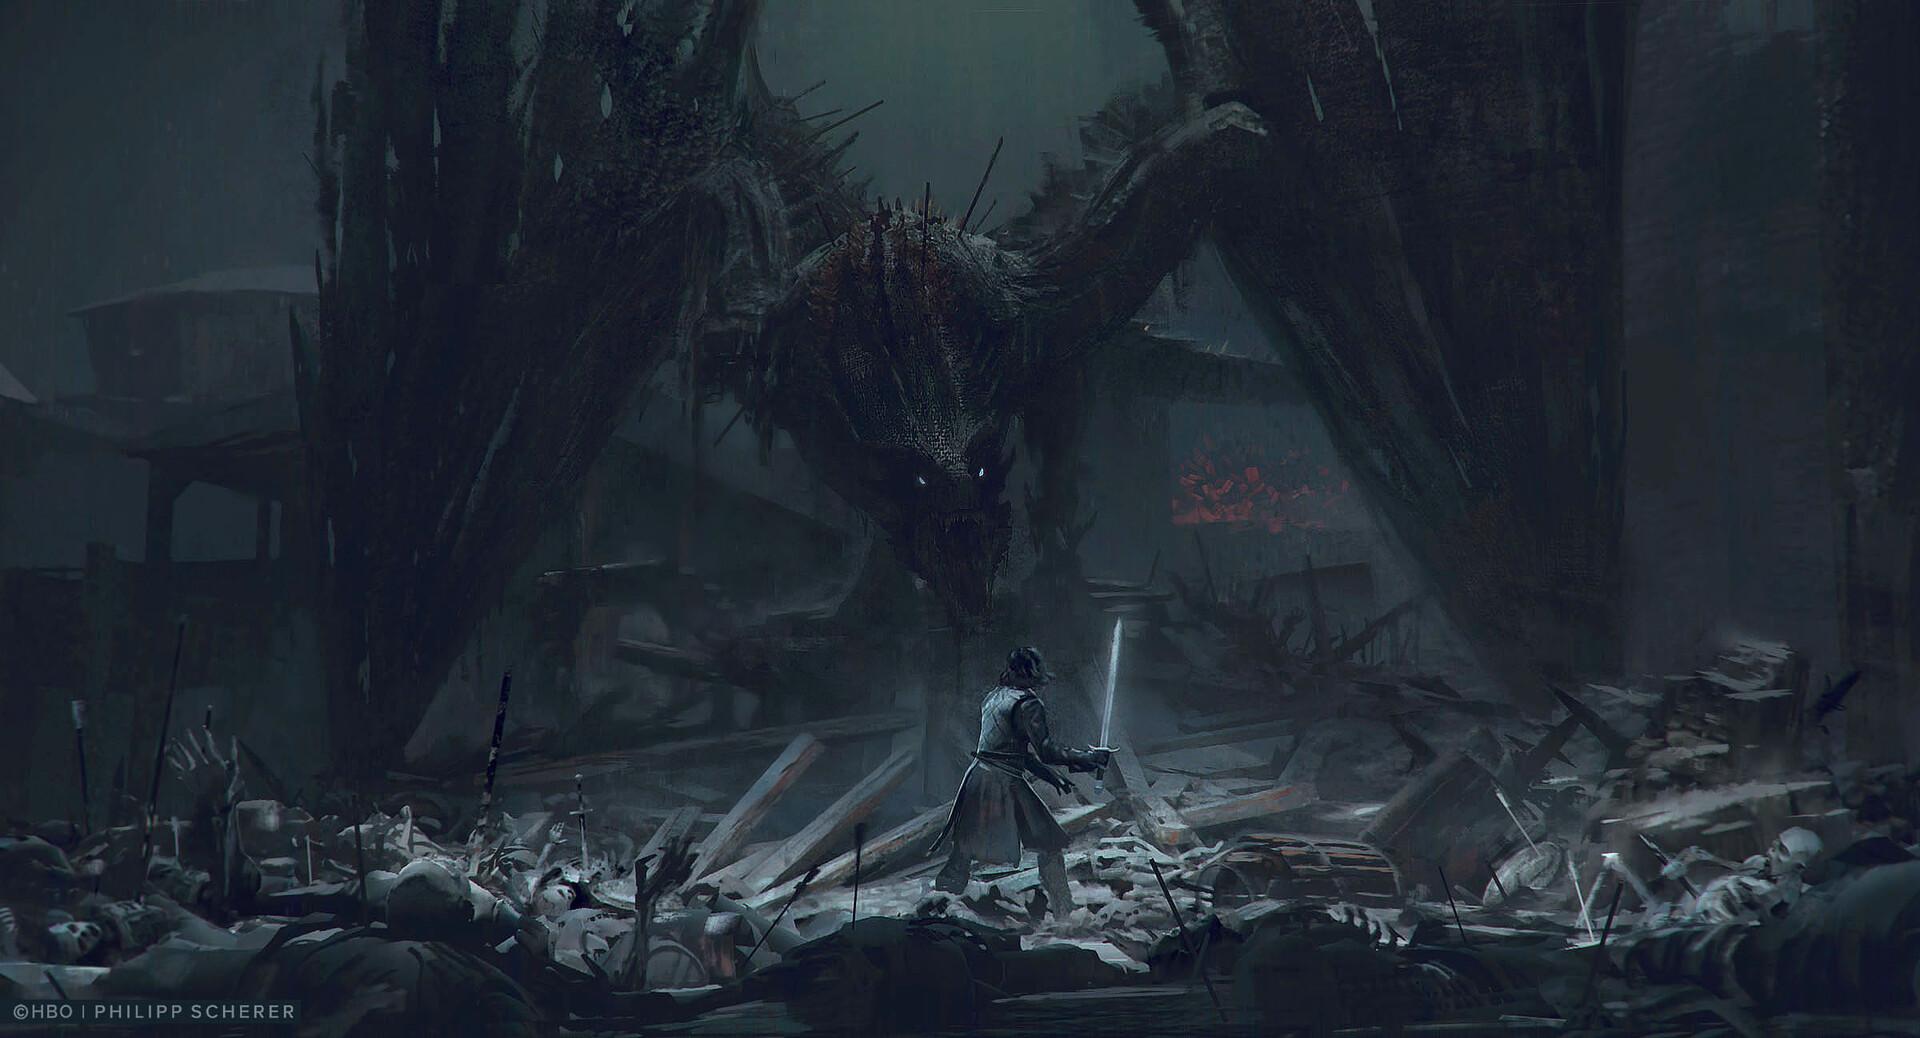 Концепт-арт: иллюстрации к восьмому сезону «Игры престолов» 4